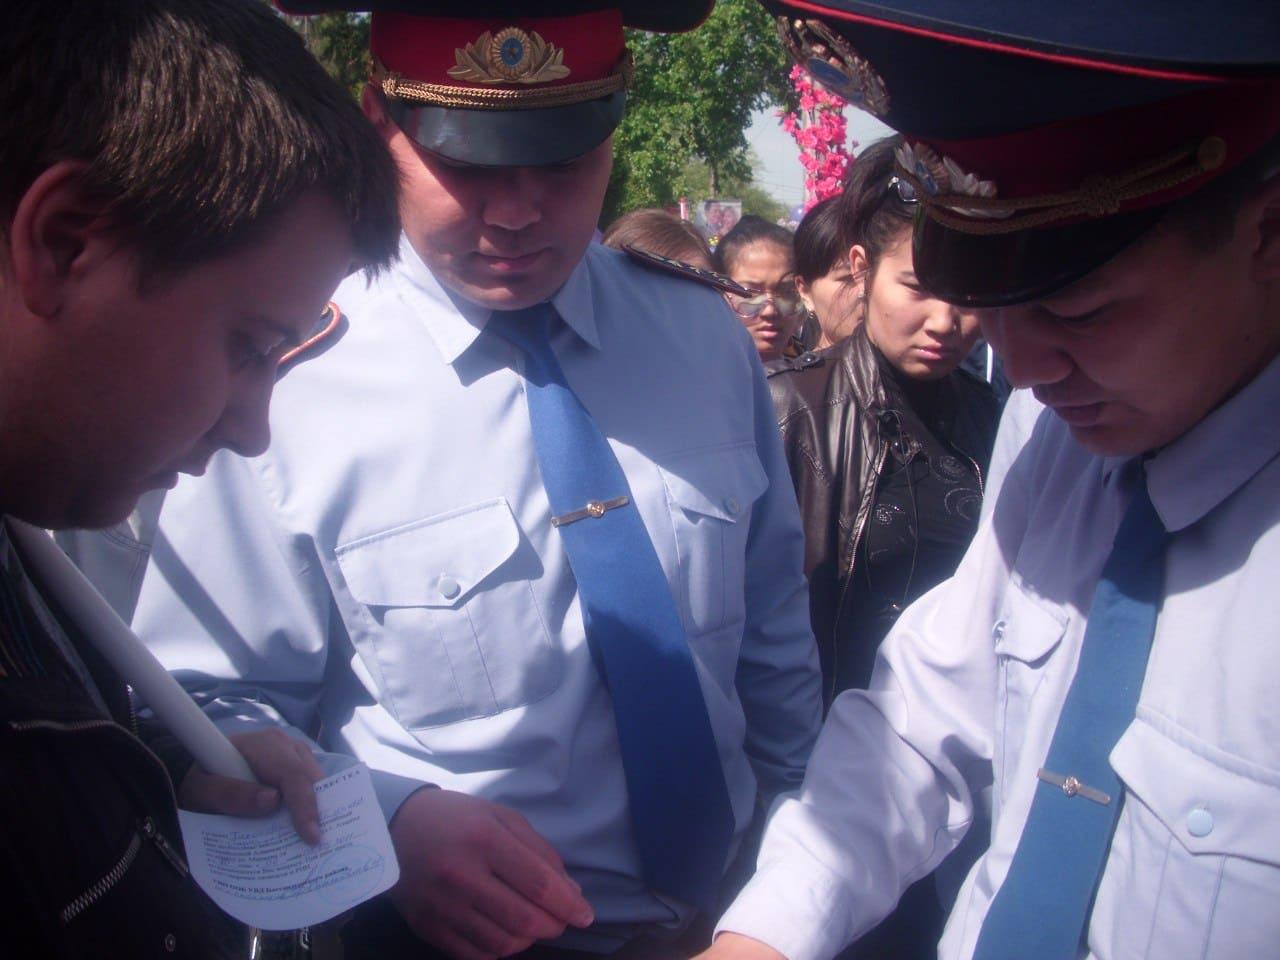 Первый казахский журналист выиграл в Комитете ООН по правам человека